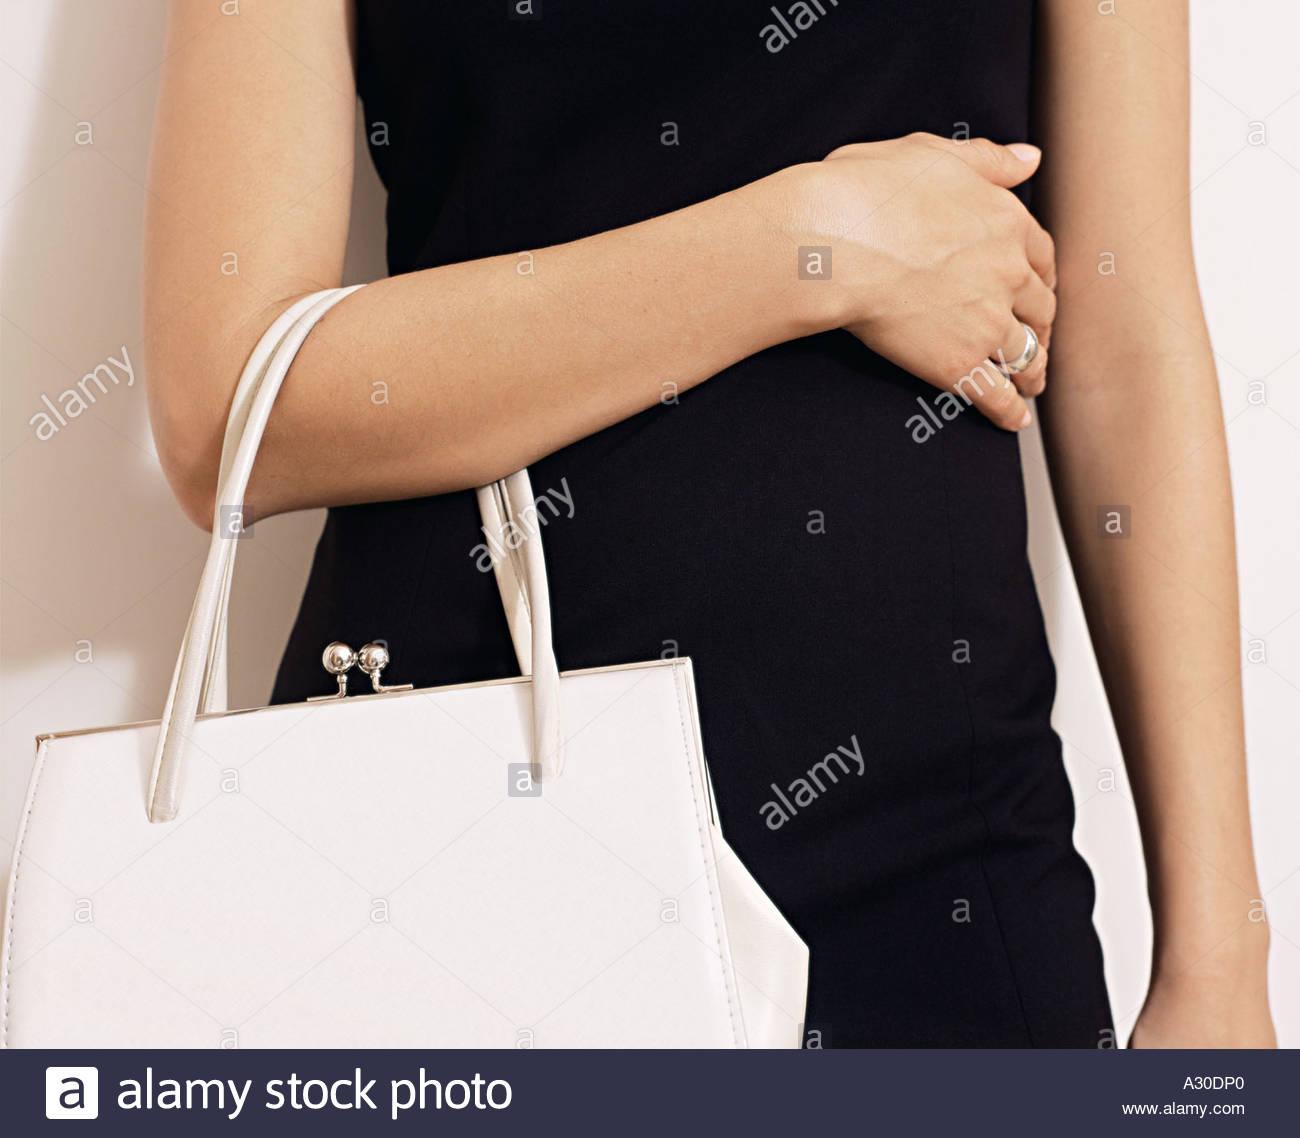 97f7fdd2840e5 Frau mit weiße Handtasche Stockfoto